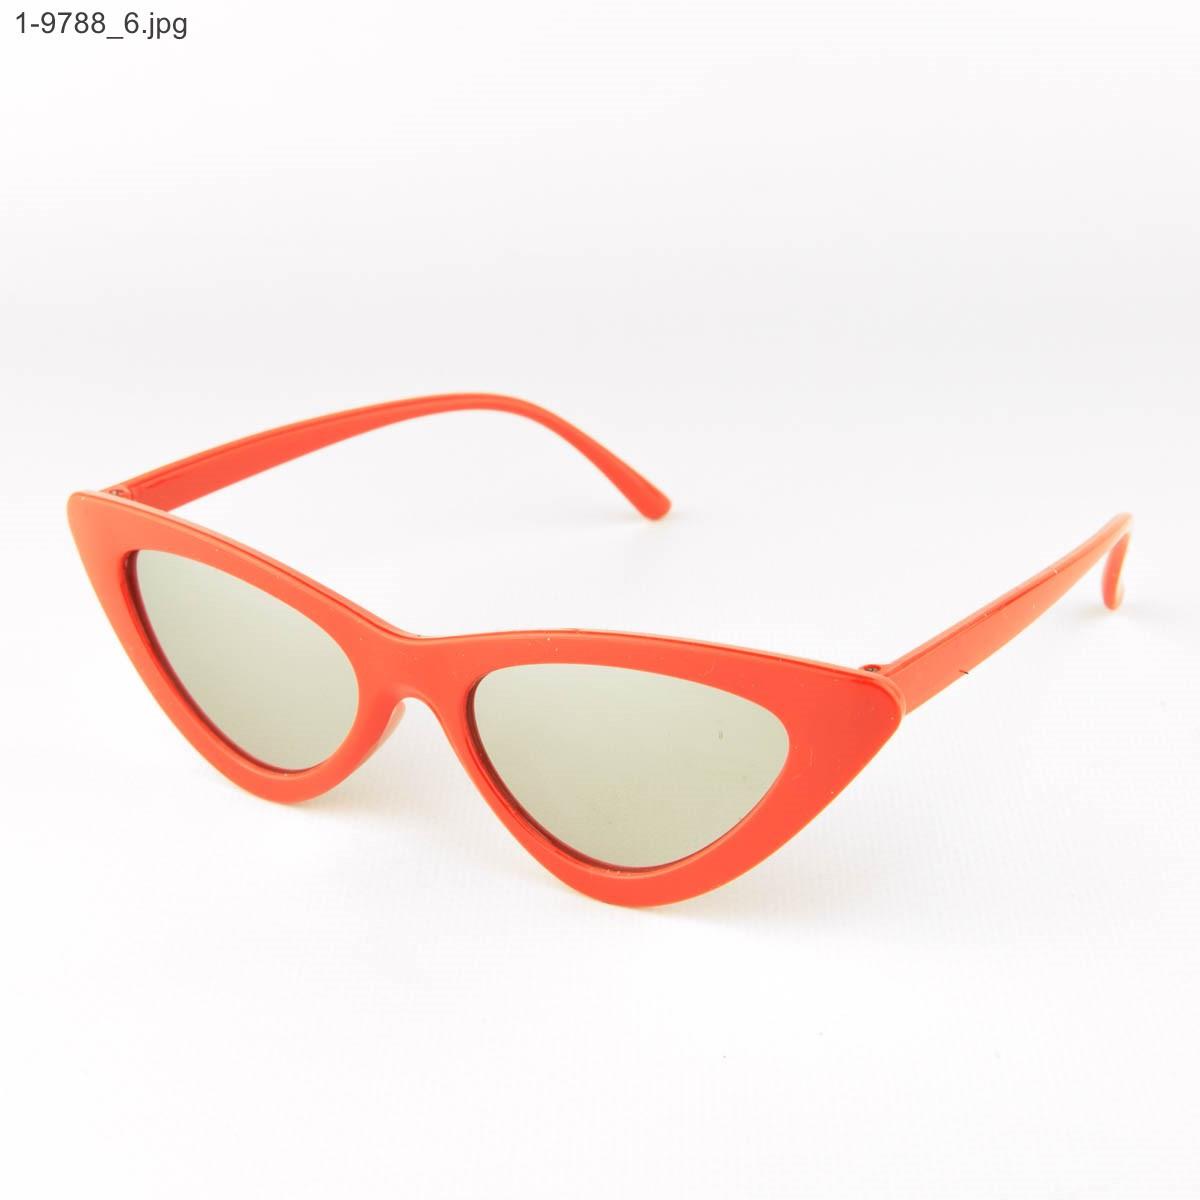 Зеркальные солнцезащитные женские очки кошачий глаз - Красные - 1-9788